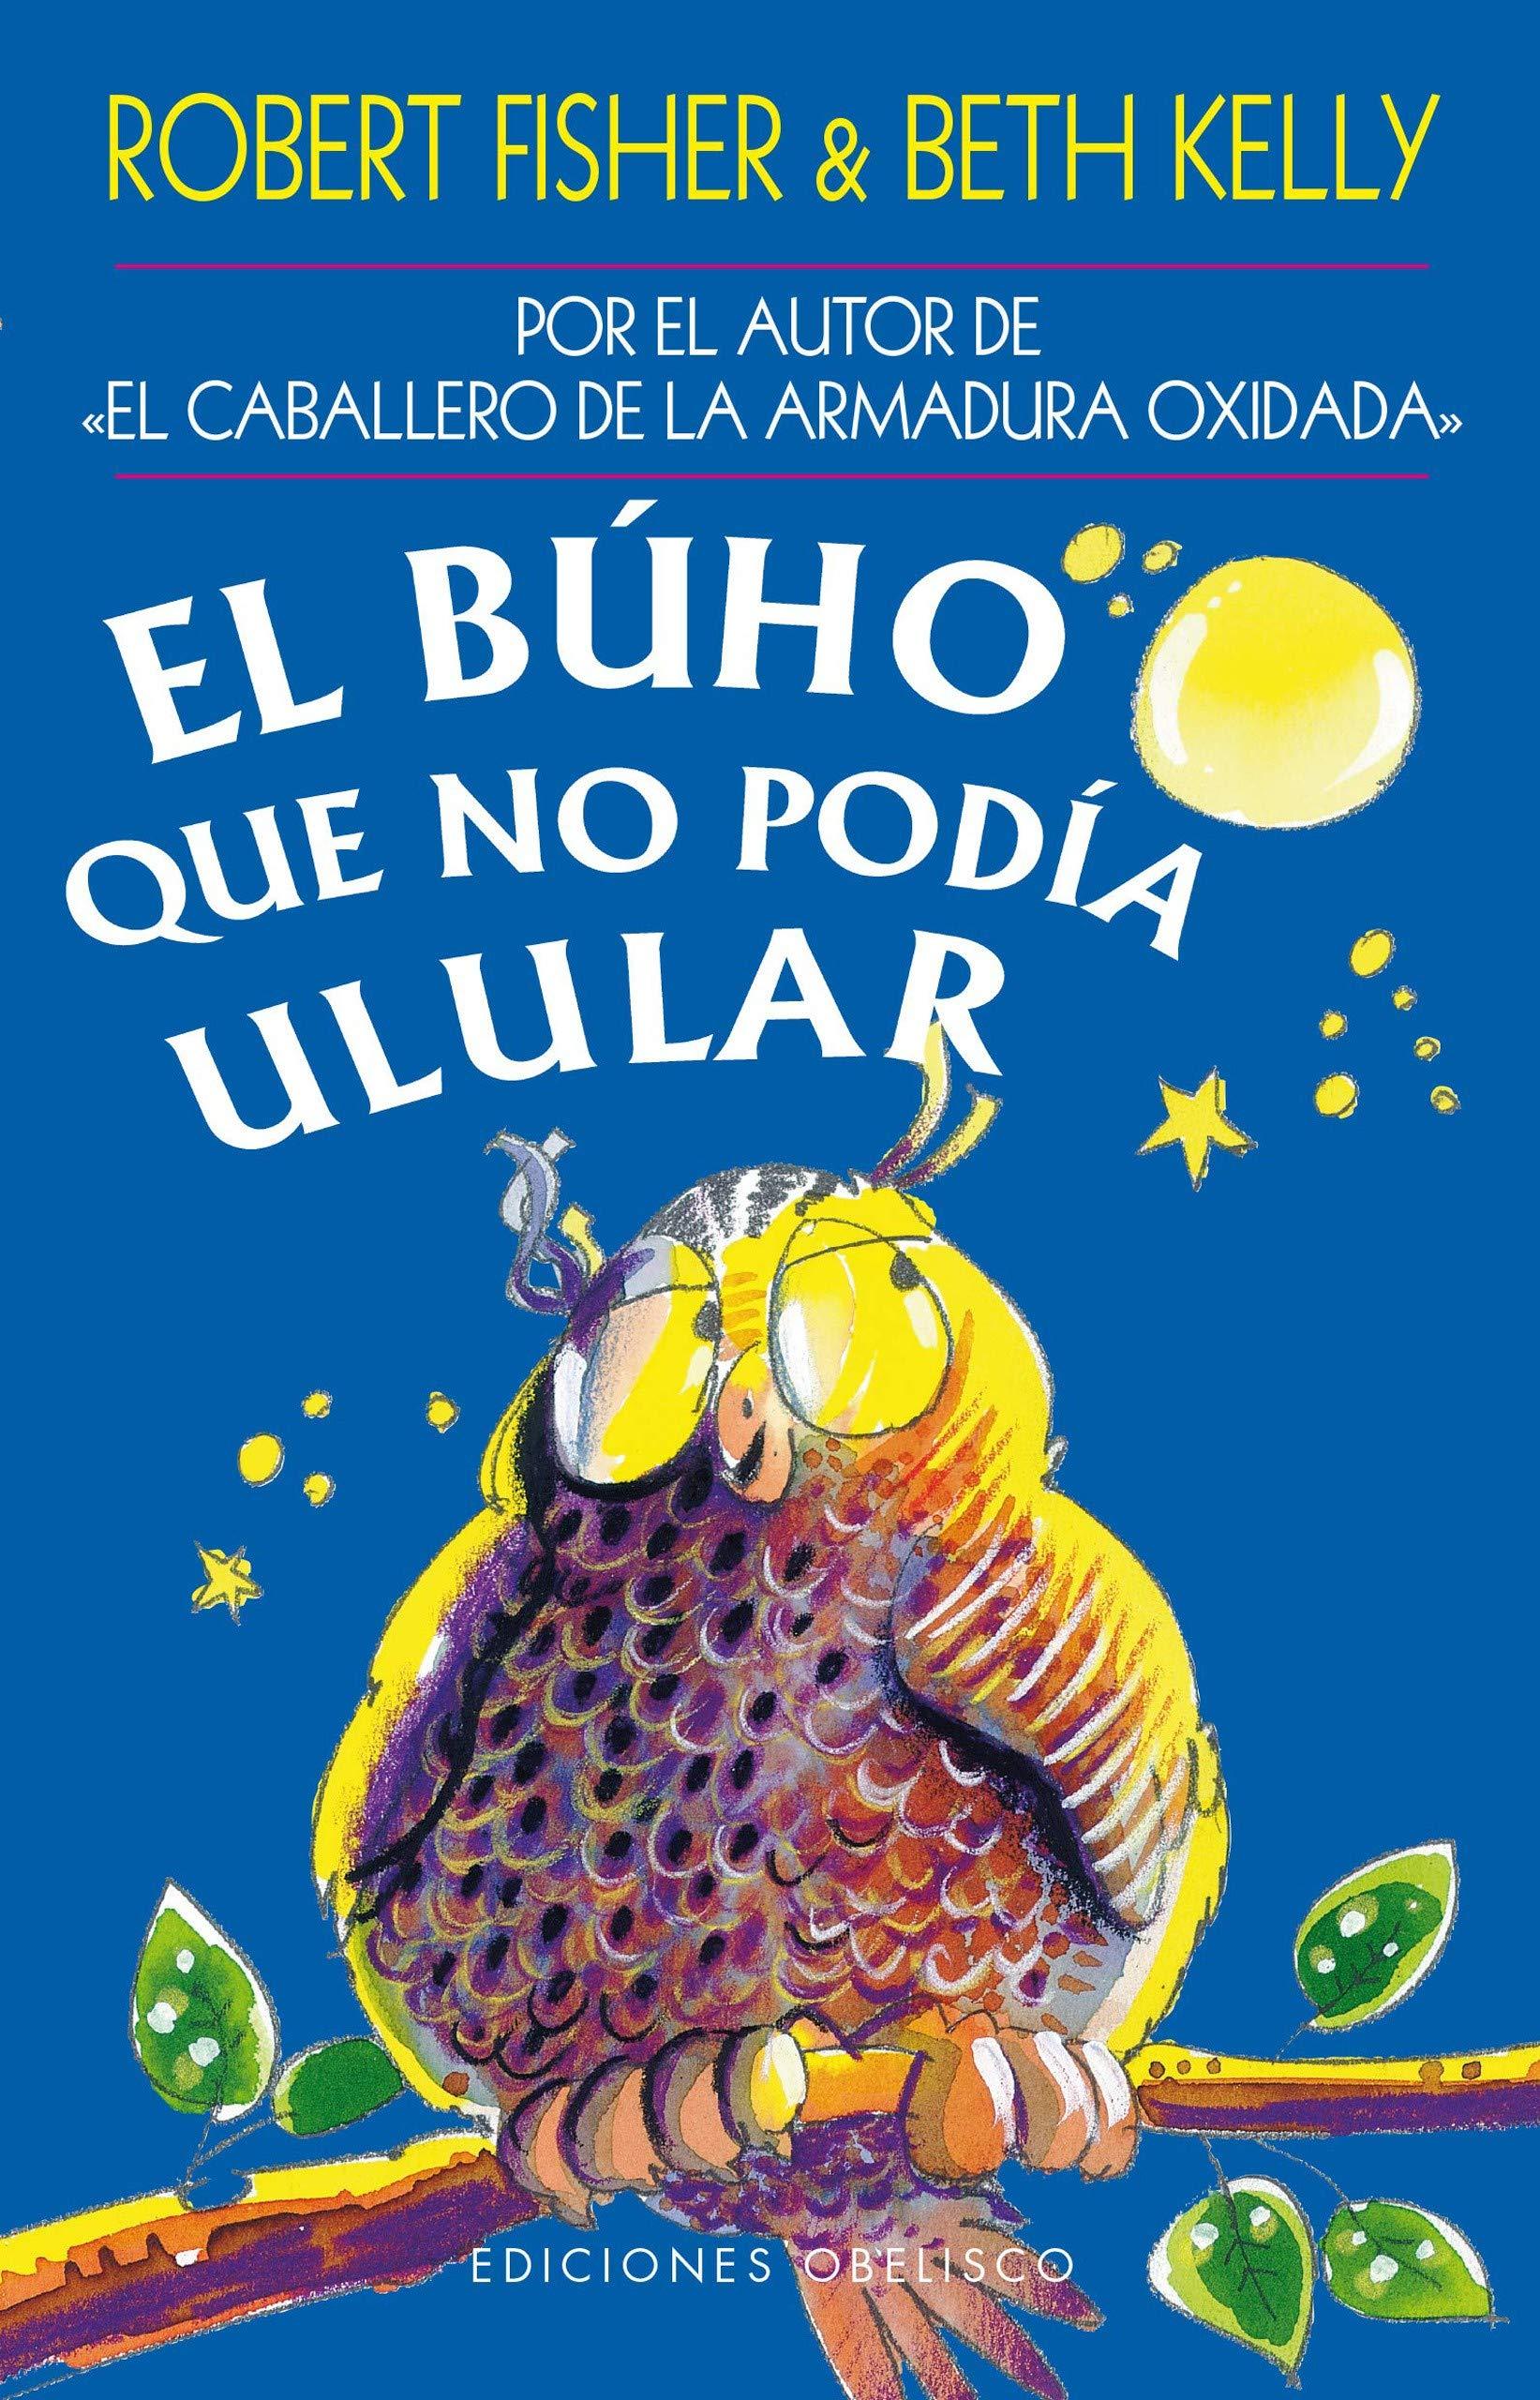 Búho que no podía ulular, El (NUEVA CONCIENCIA): Amazon.es: FISHER ...